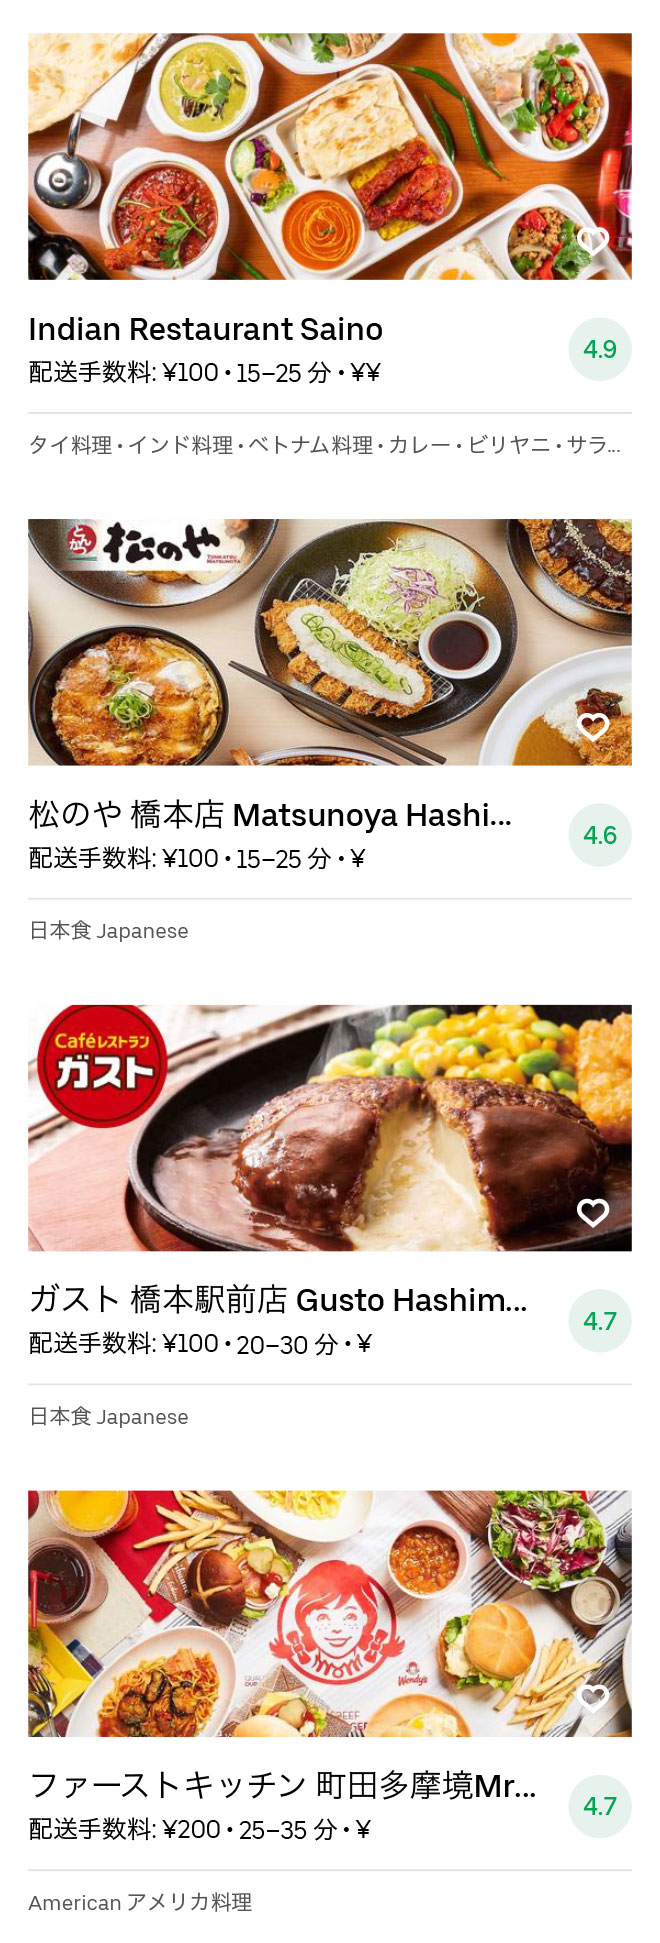 Hashimoto menu 2008 05